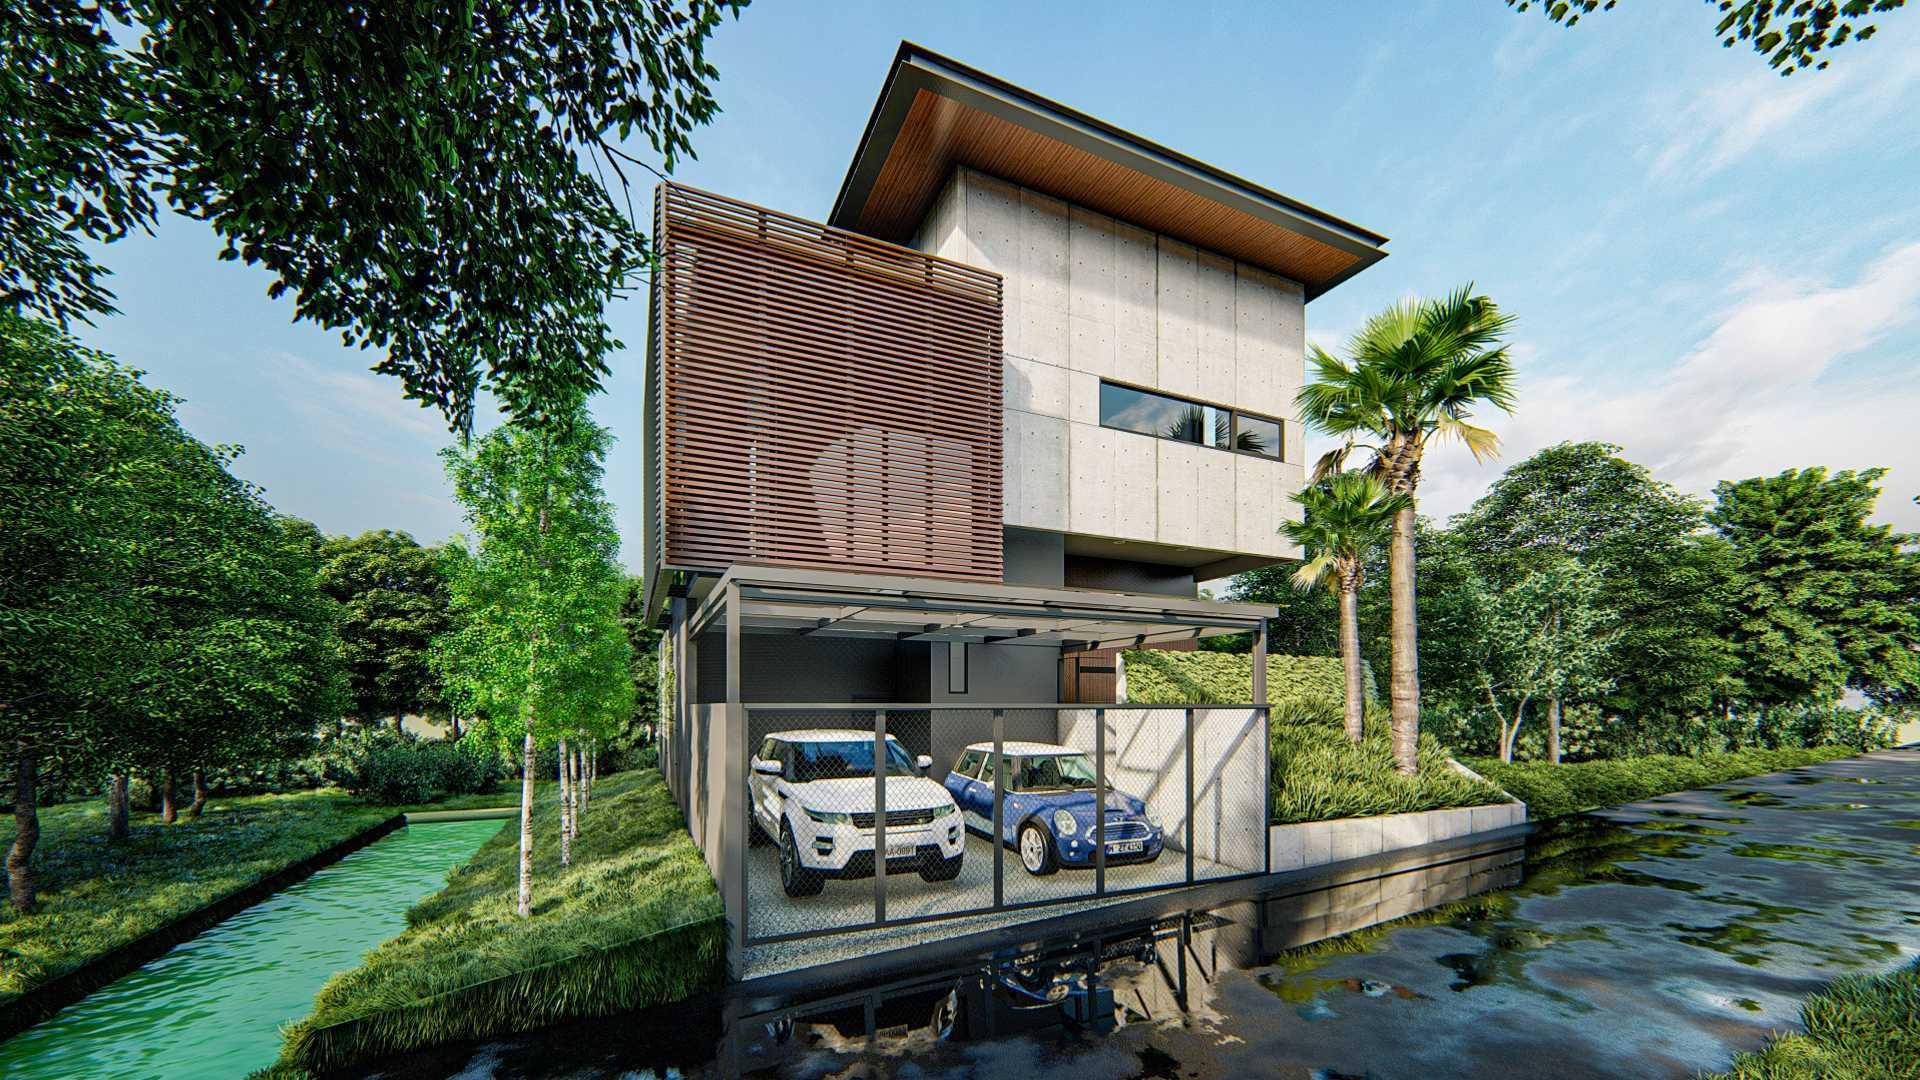 Jasa Design and Build ruang rupa studio di Purwakarta